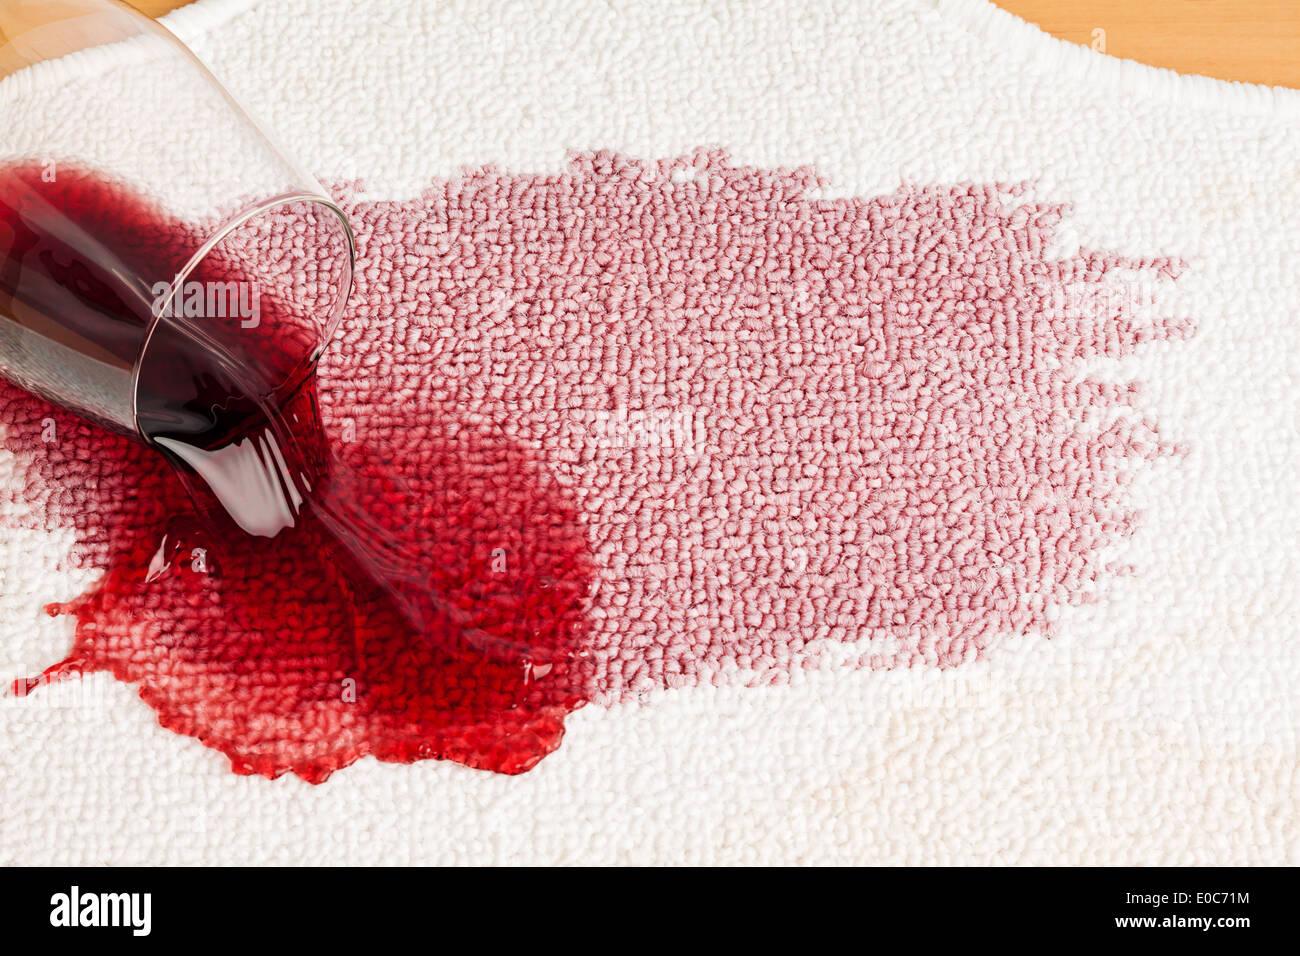 Red wine is tipped out on a carpet. Umgeleertes glass, Roter Wein wird auf einem Teppich ausgeschuettet. Umgeleertes Stock Photo